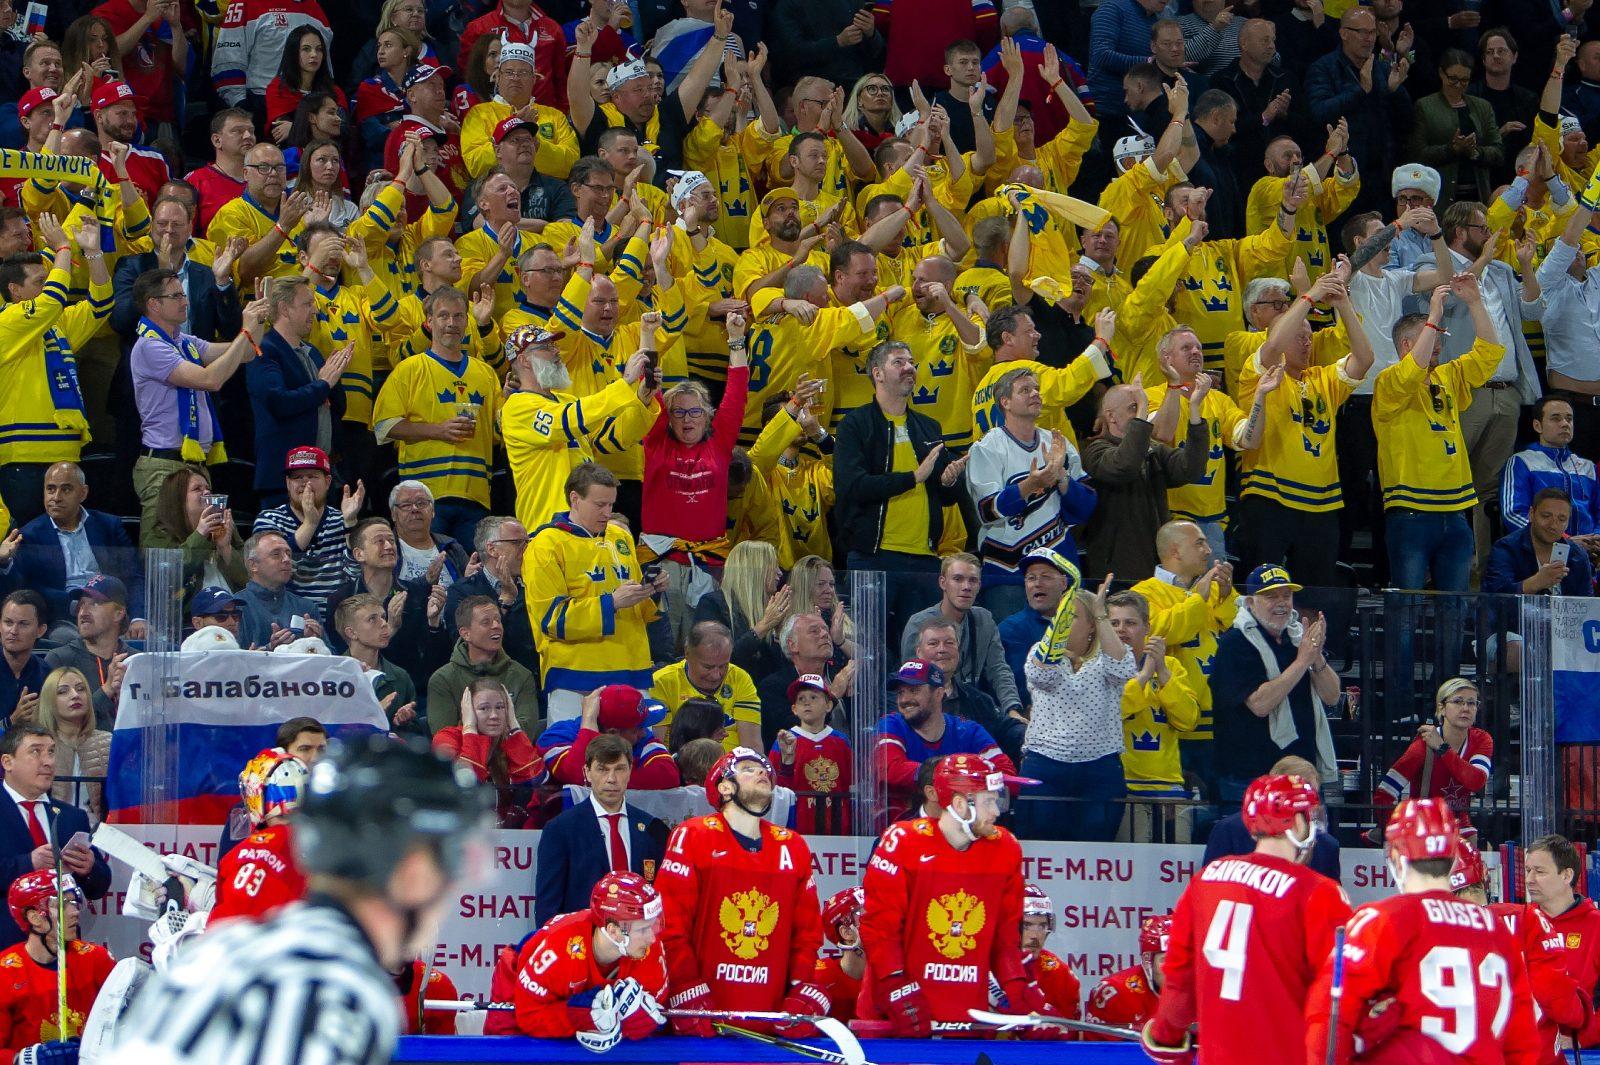 SUPPORTERFRÅGAN 10 MAJ: Tio svenska supportrar om VM